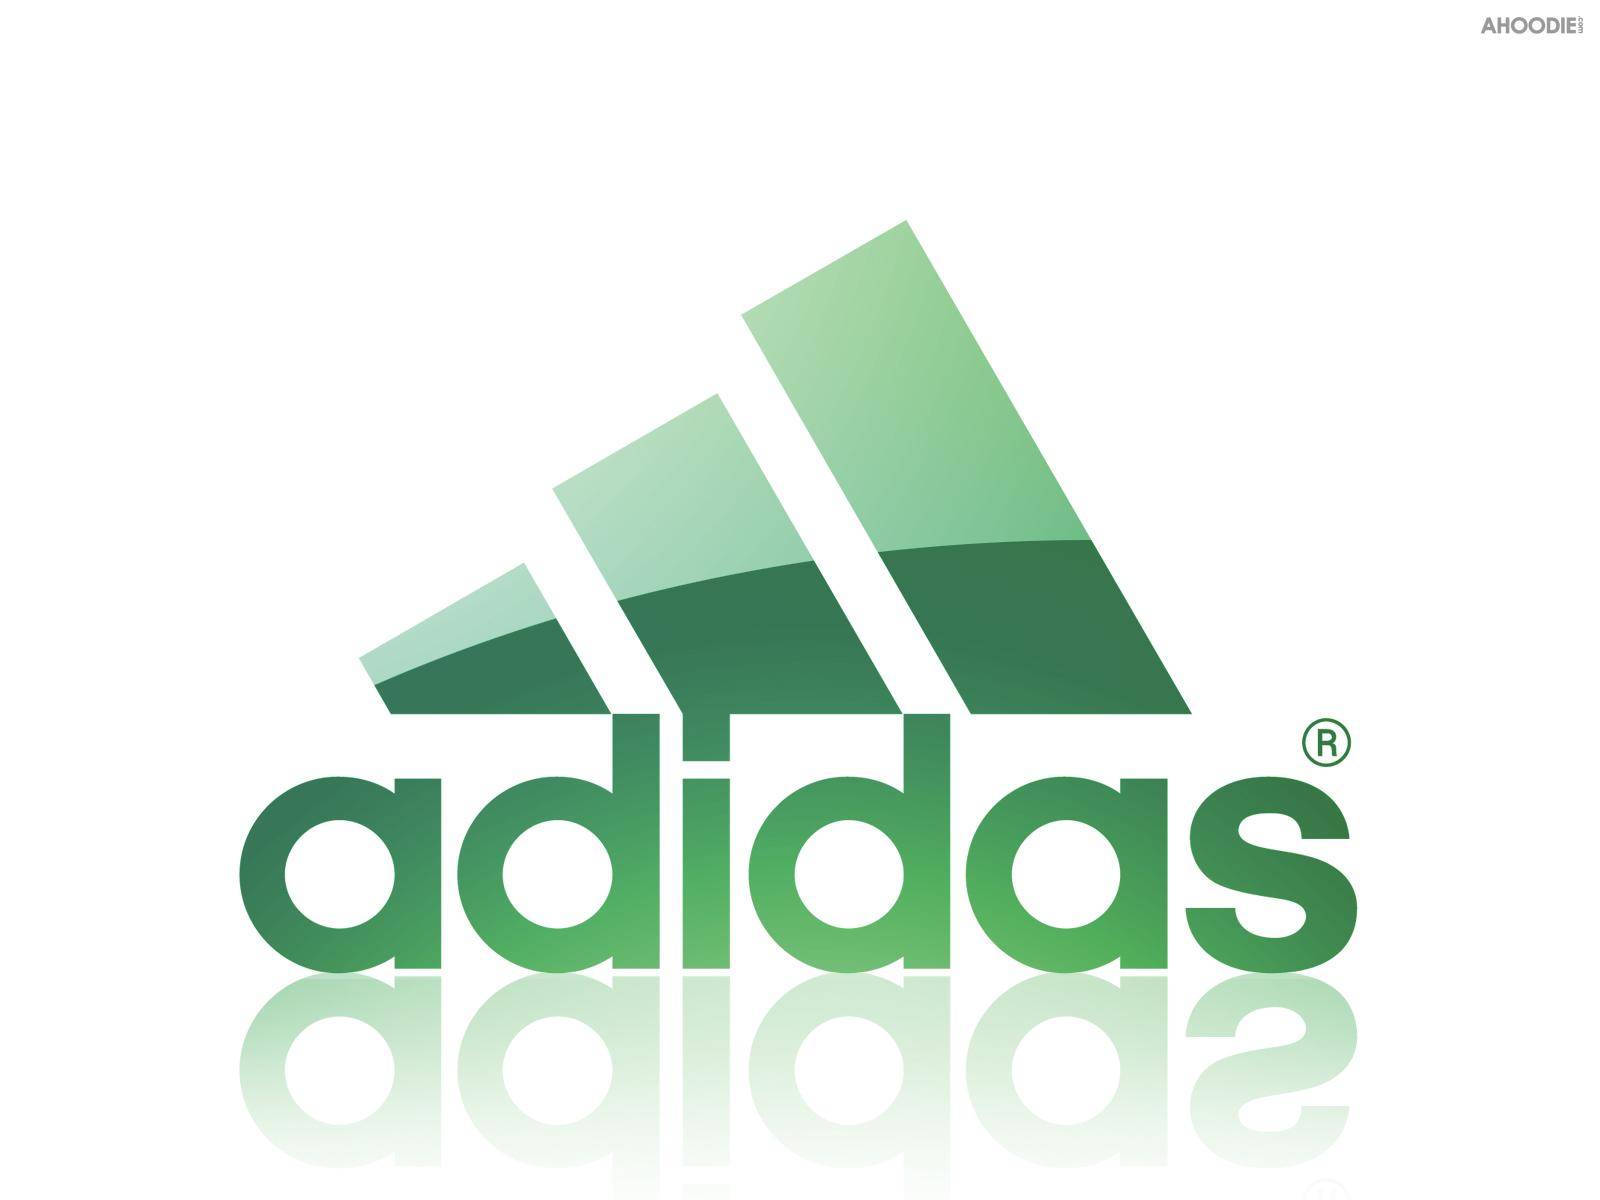 Description Adidas Wallpaper is a hi res Wallpaper for pc desktops 1600x1200